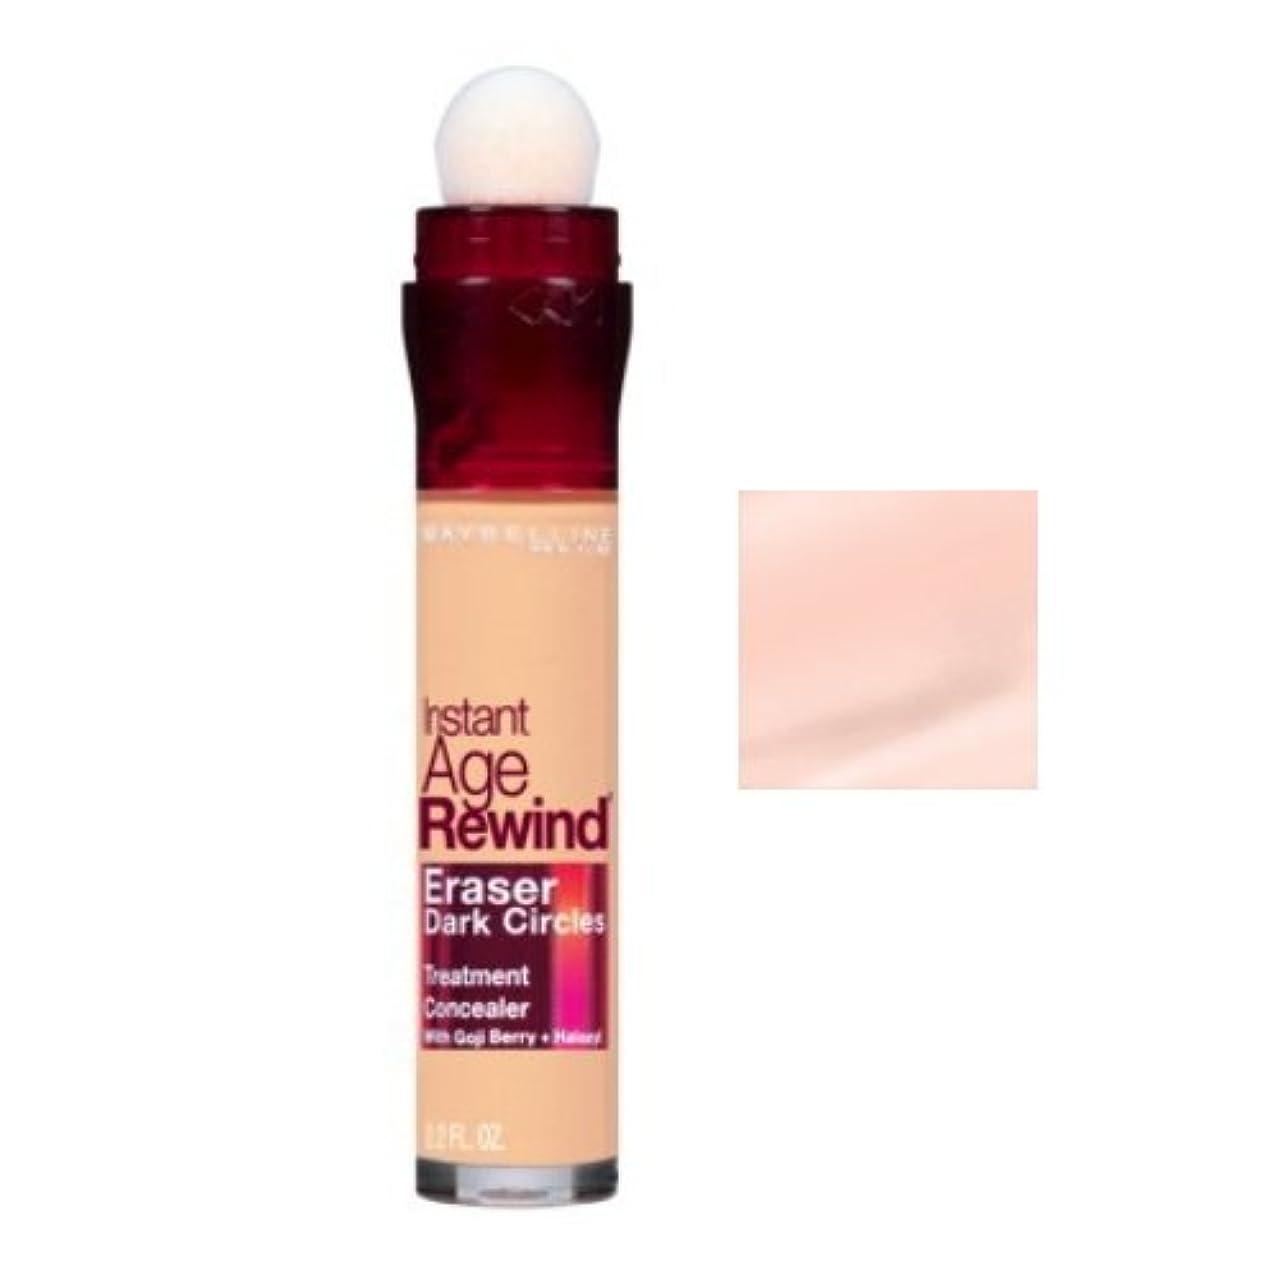 床を掃除する羊の伝導率MAYBELLINE Instant Age Rewind Eraser Dark Circles + Treatment - Brightener (並行輸入品)